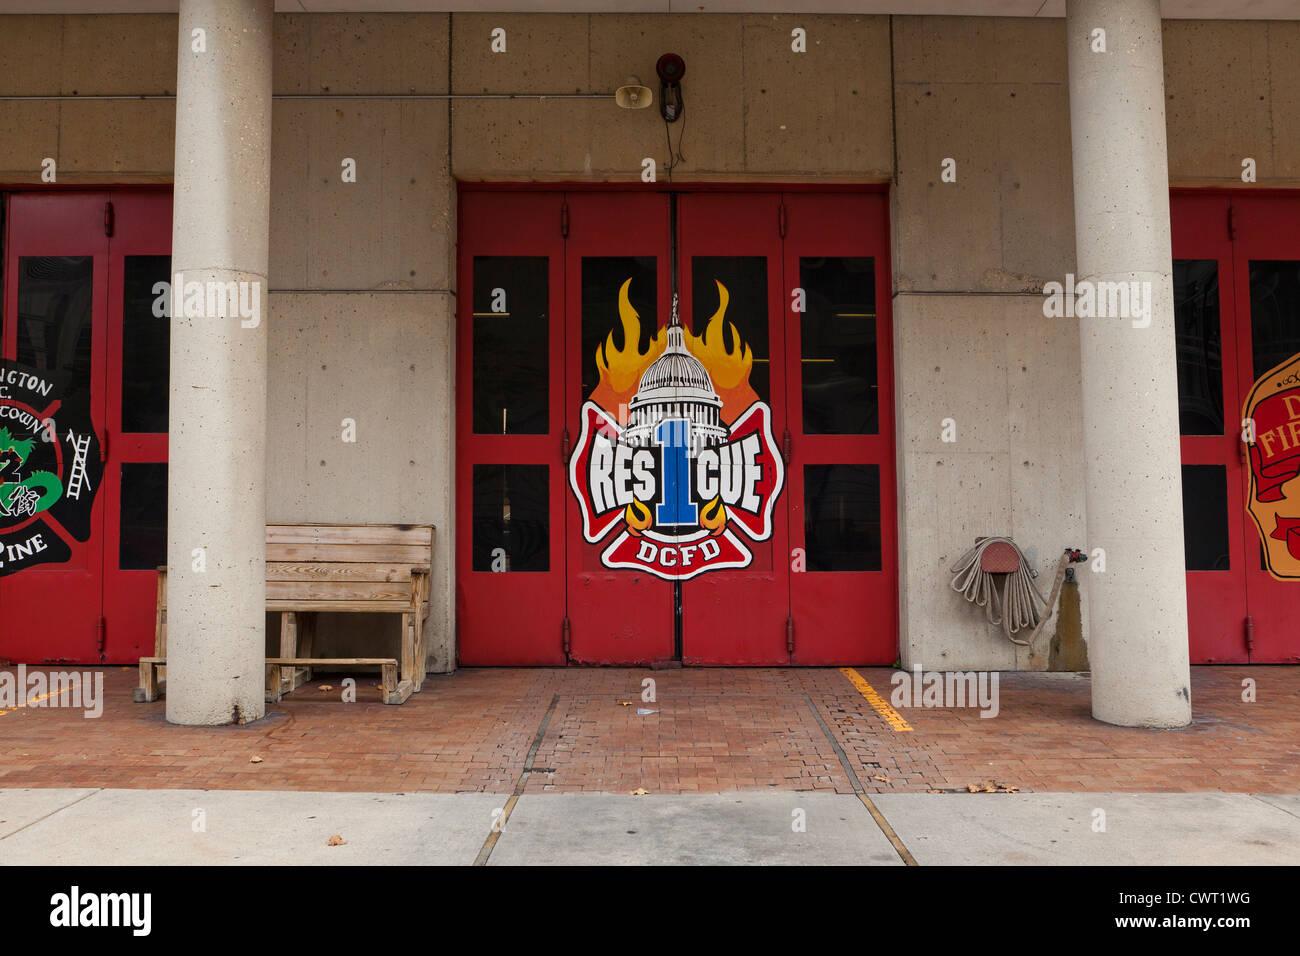 Vigili del fuoco logo sulle porte di stazione - Washington DC, Stati Uniti d'America Immagini Stock